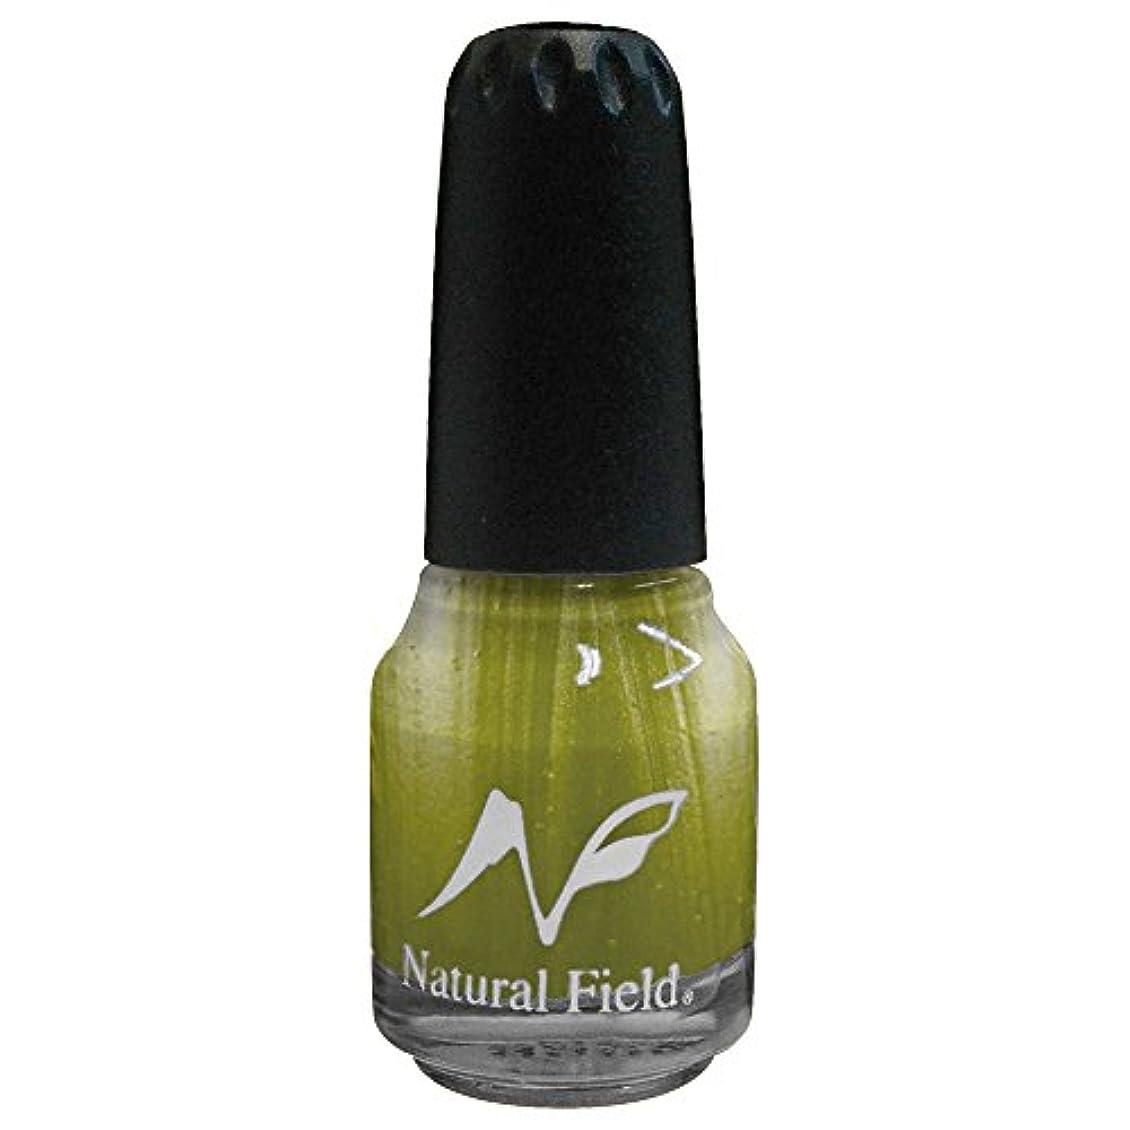 Natural Field ネイルポリッシュ パールカラー 2051 R14 12ml